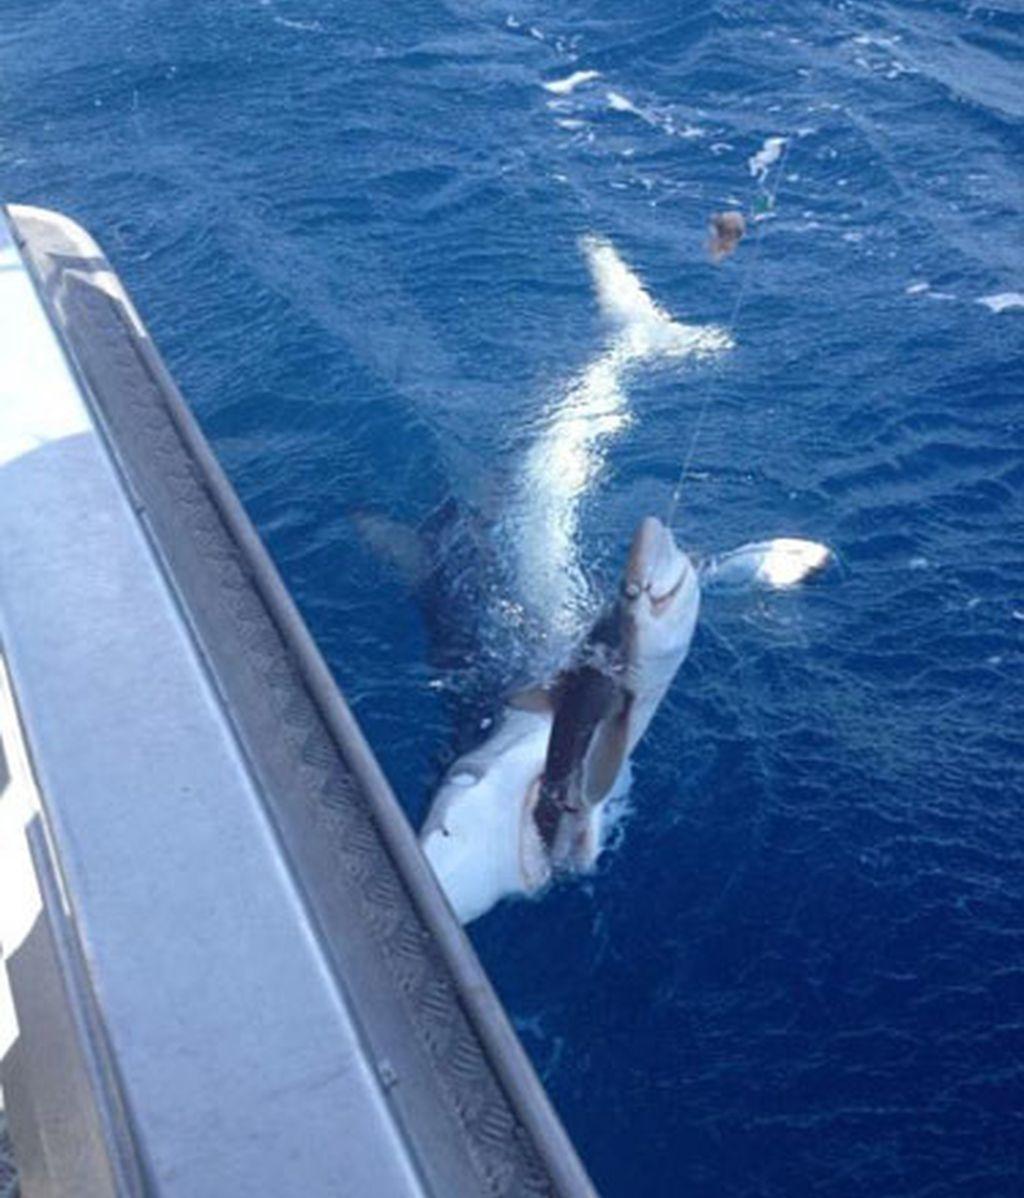 La lucha entre el pescador y el tiburón. Foto: Reddit